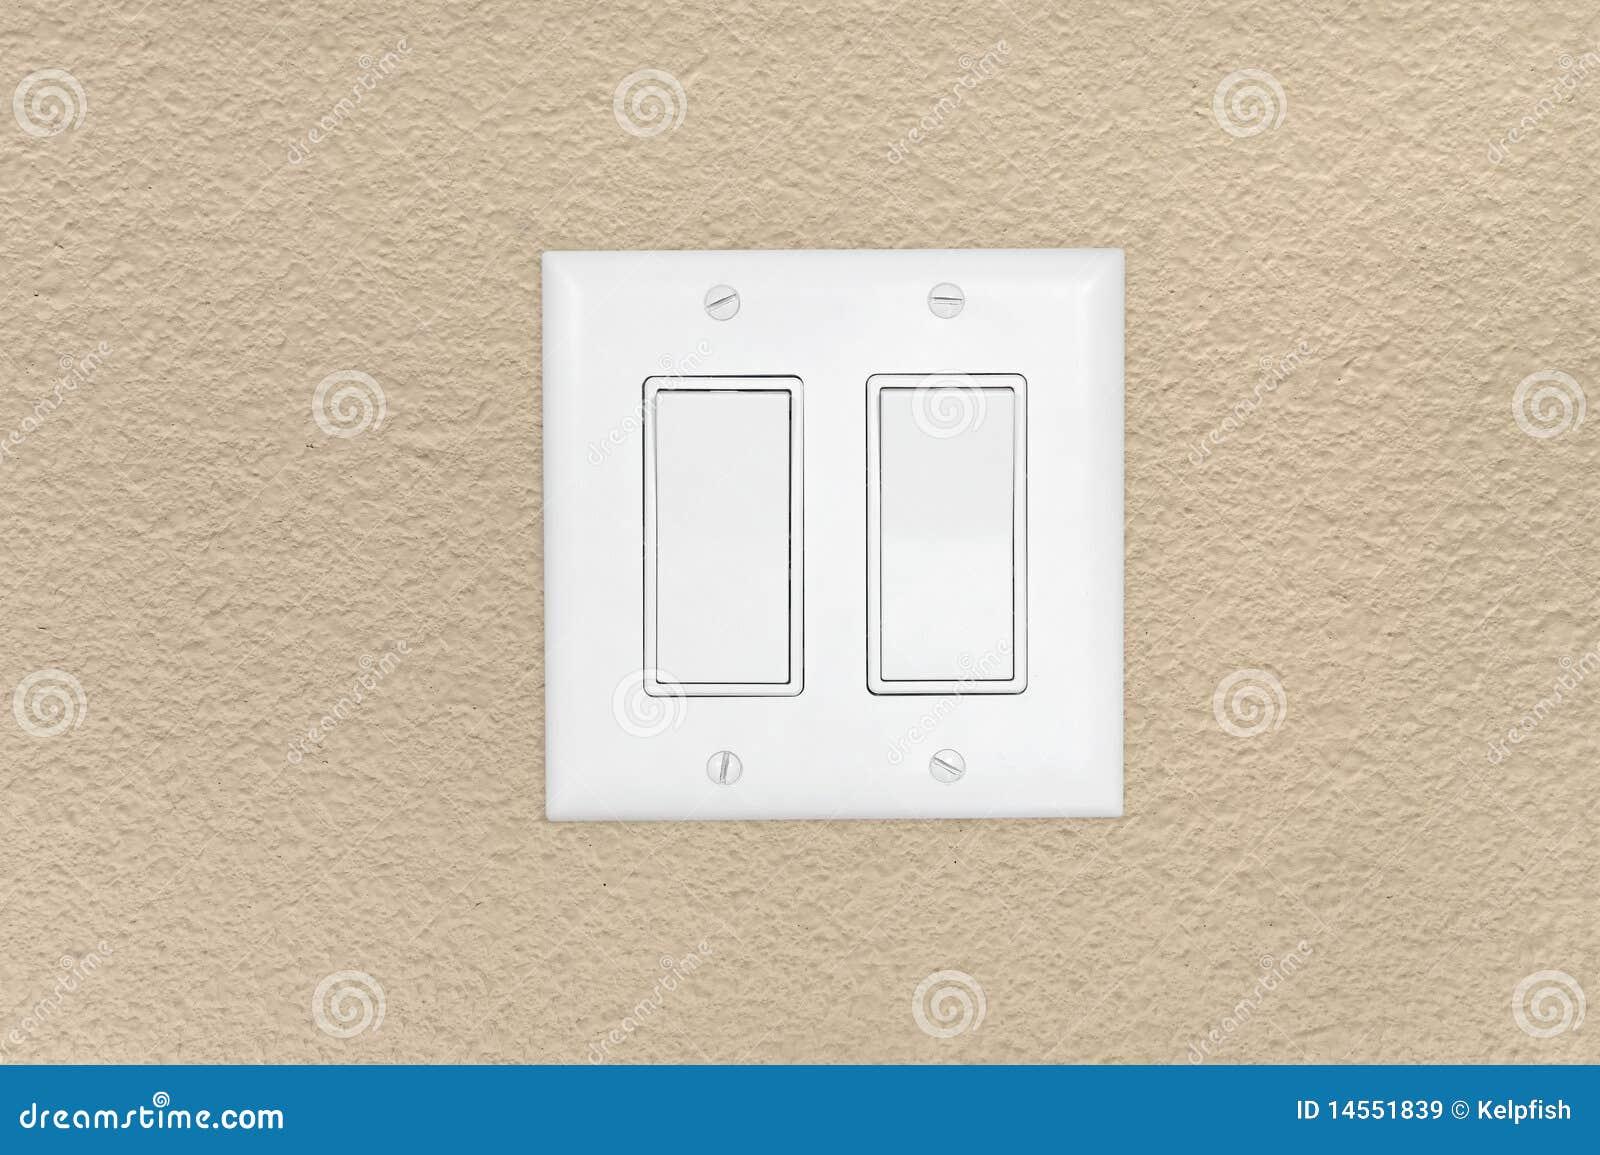 Modern Light Switch. Modern Light Switch Royalty Free Stock Images ...:Modern Light Switch Royalty Free Stock Images Image 14551839,Lighting